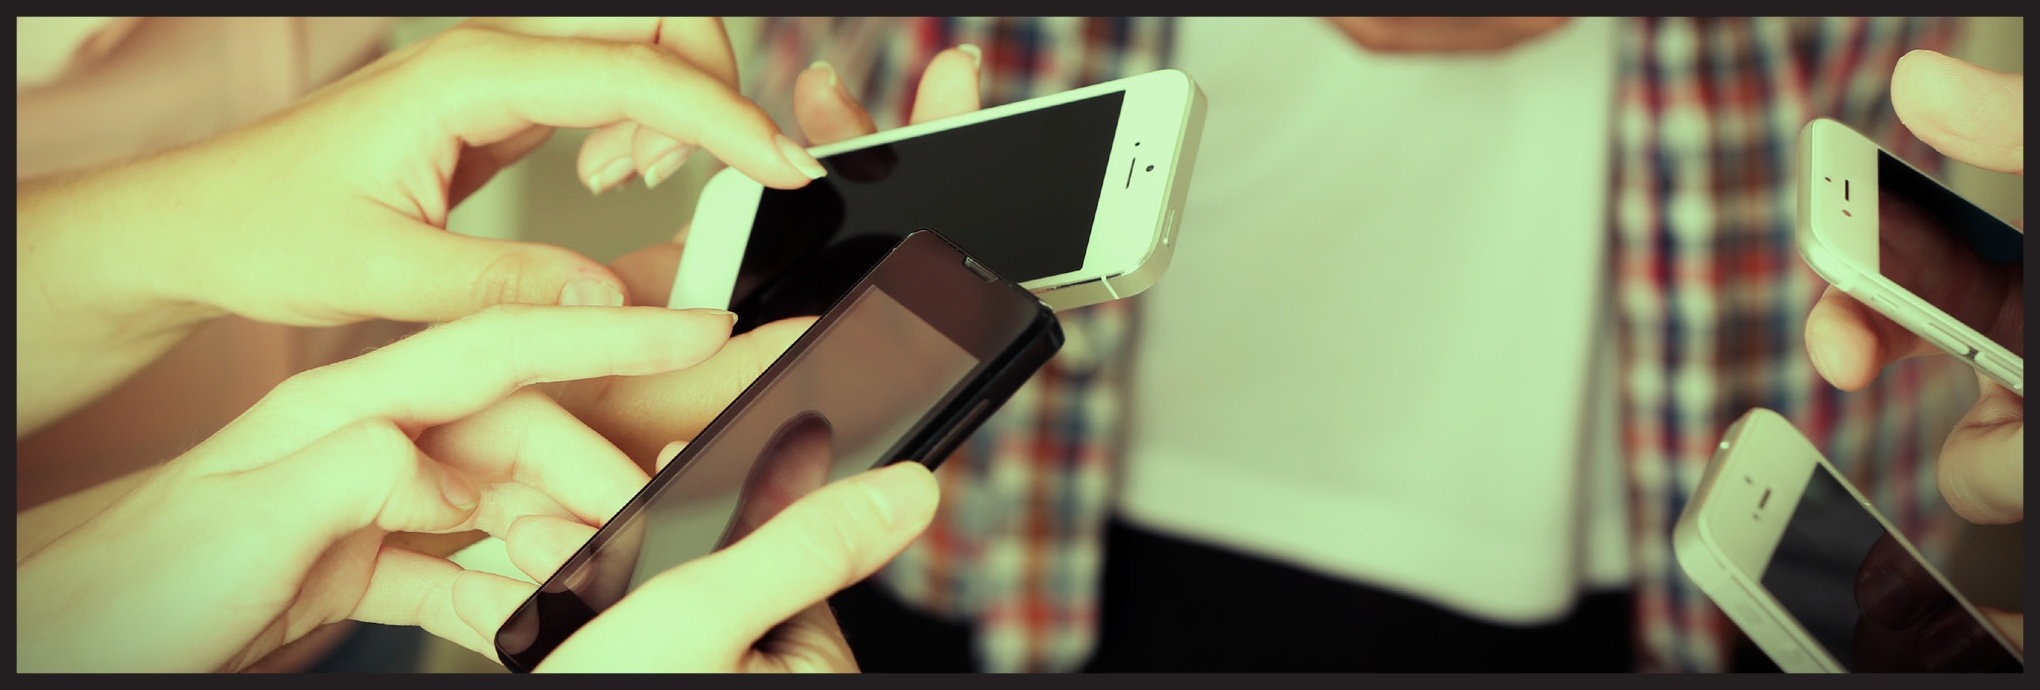 WMI_mobile_Header-6.jpg